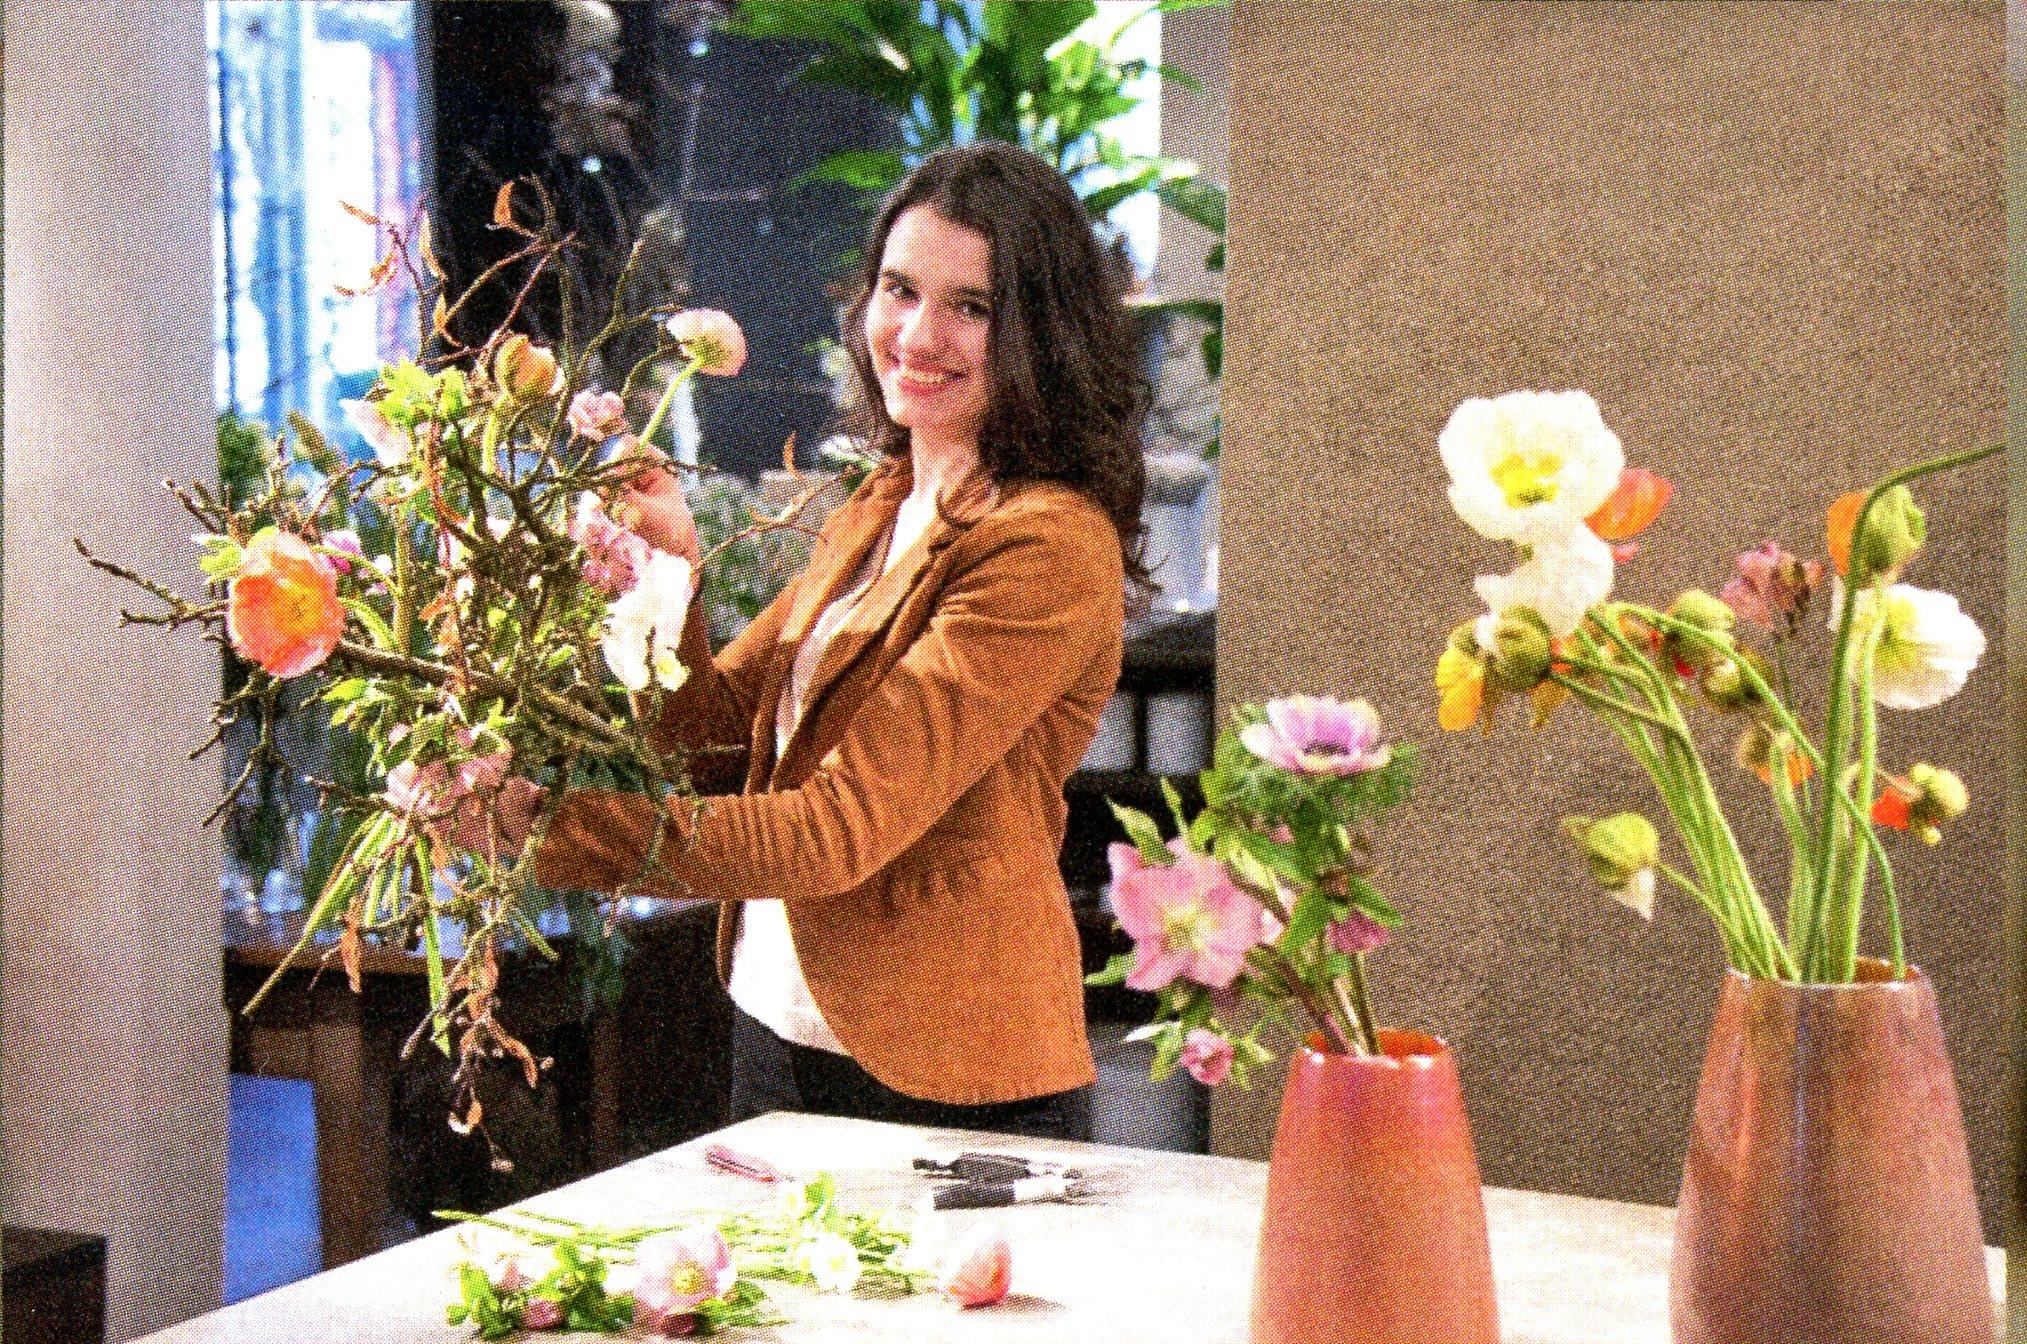 Floristin Annika Junghans